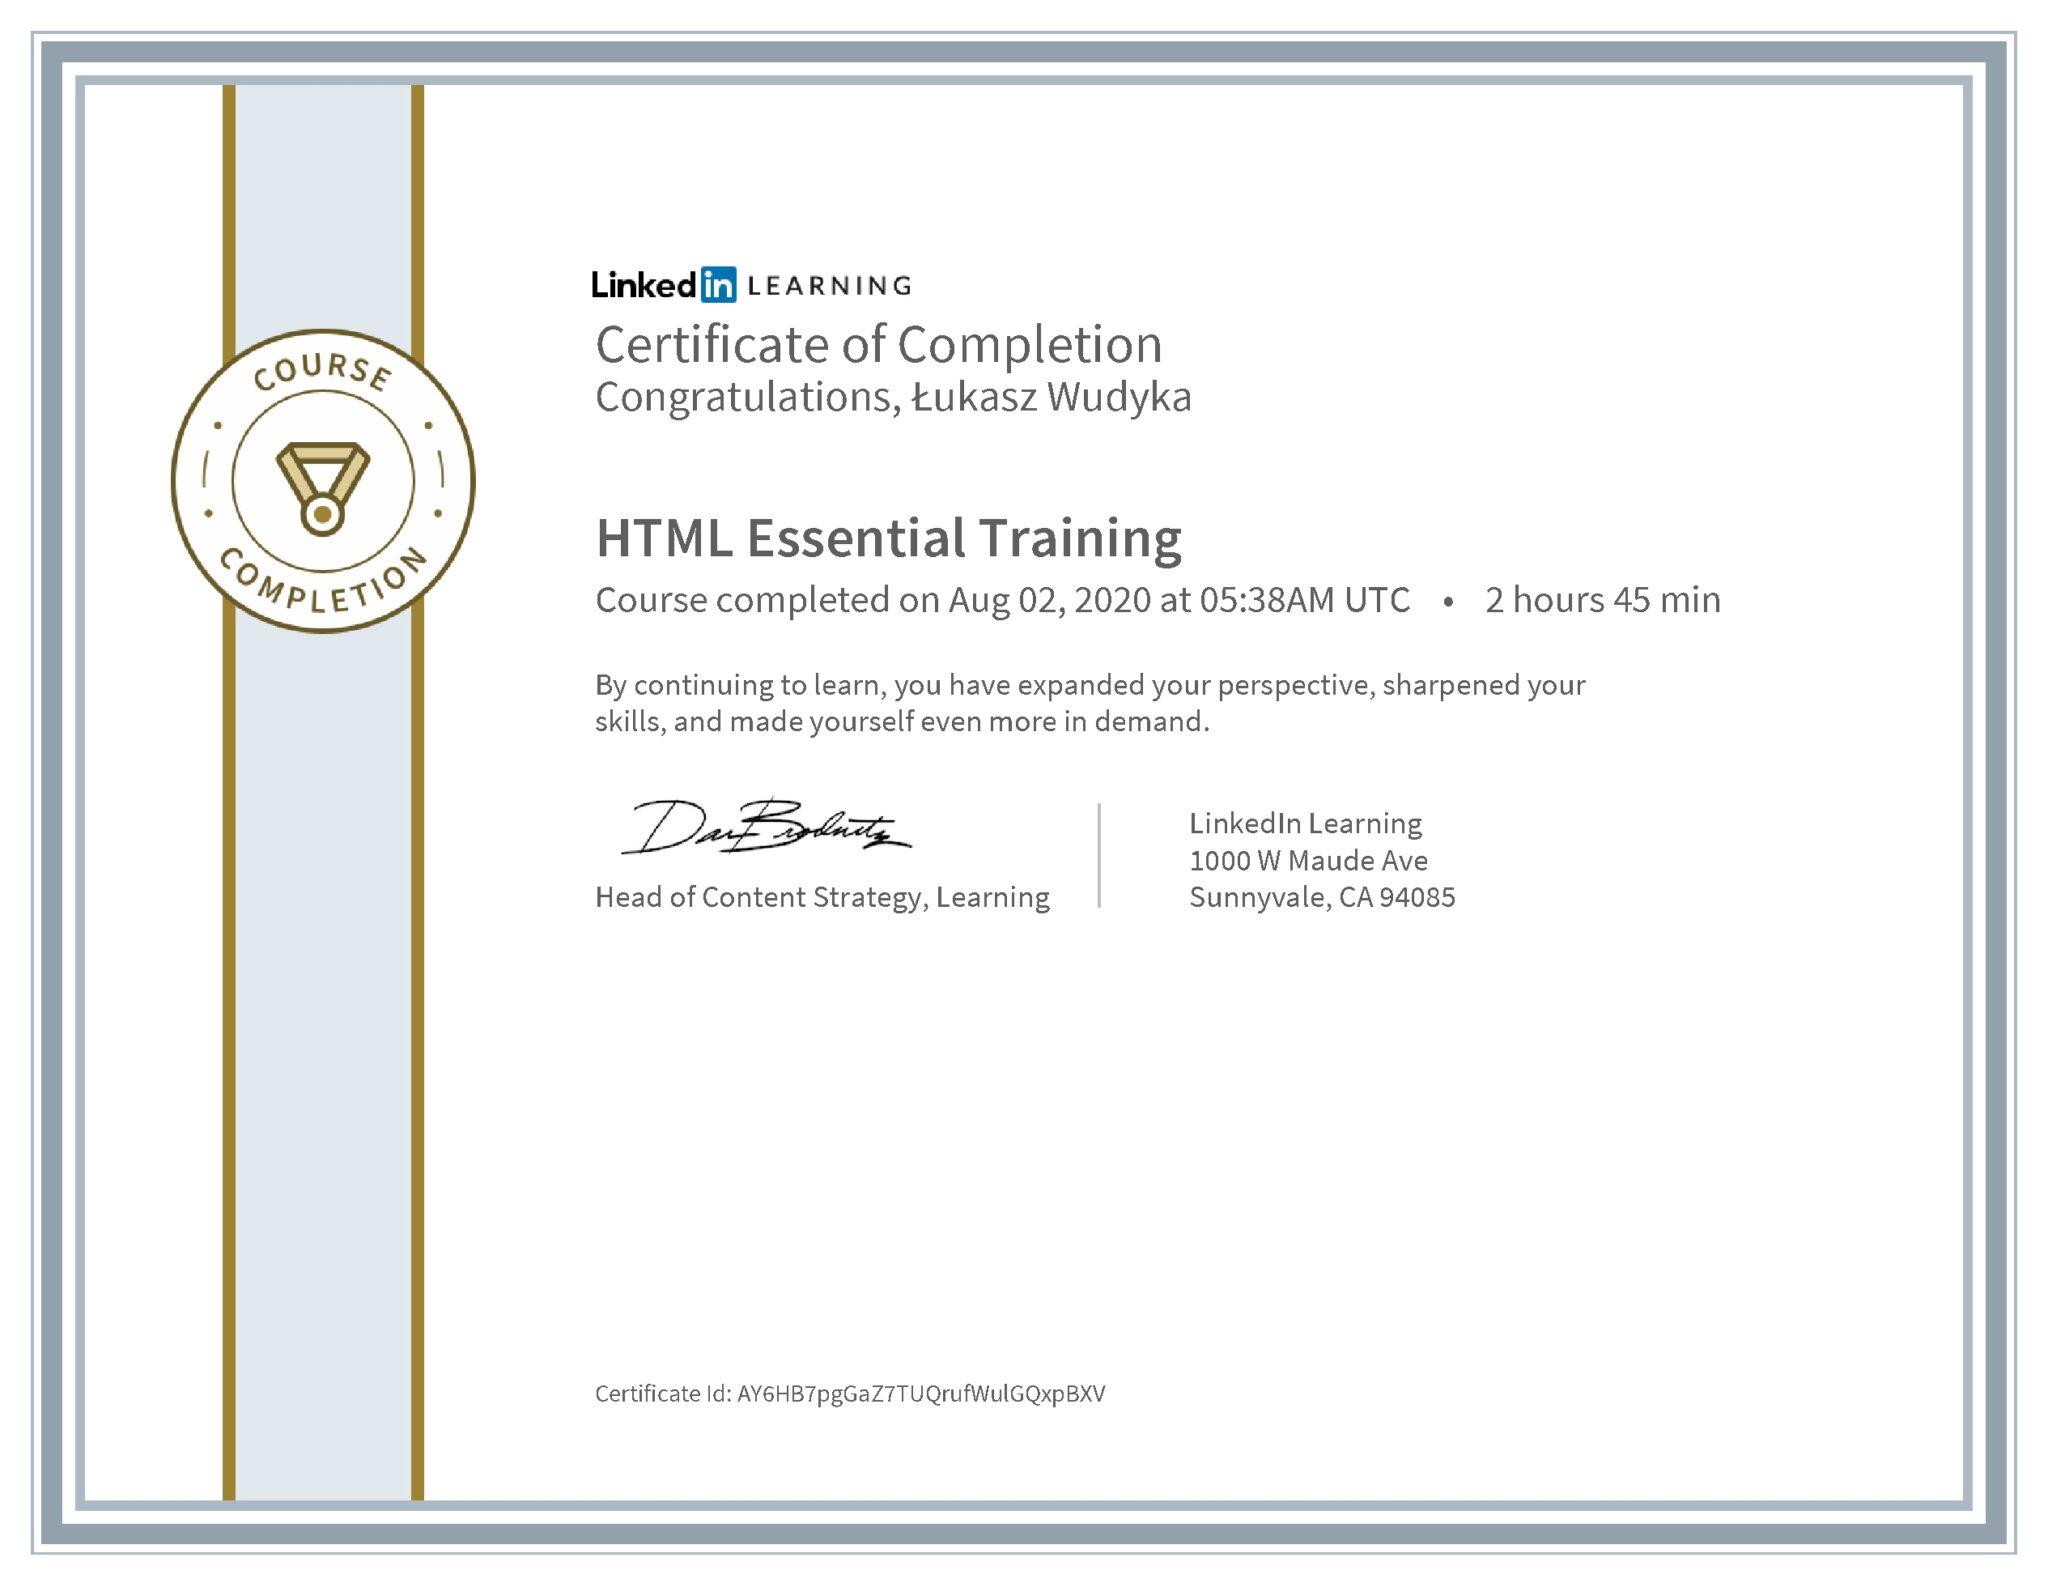 Łukasz Wudyka certyfikat LinkedIn HTML Essential Training